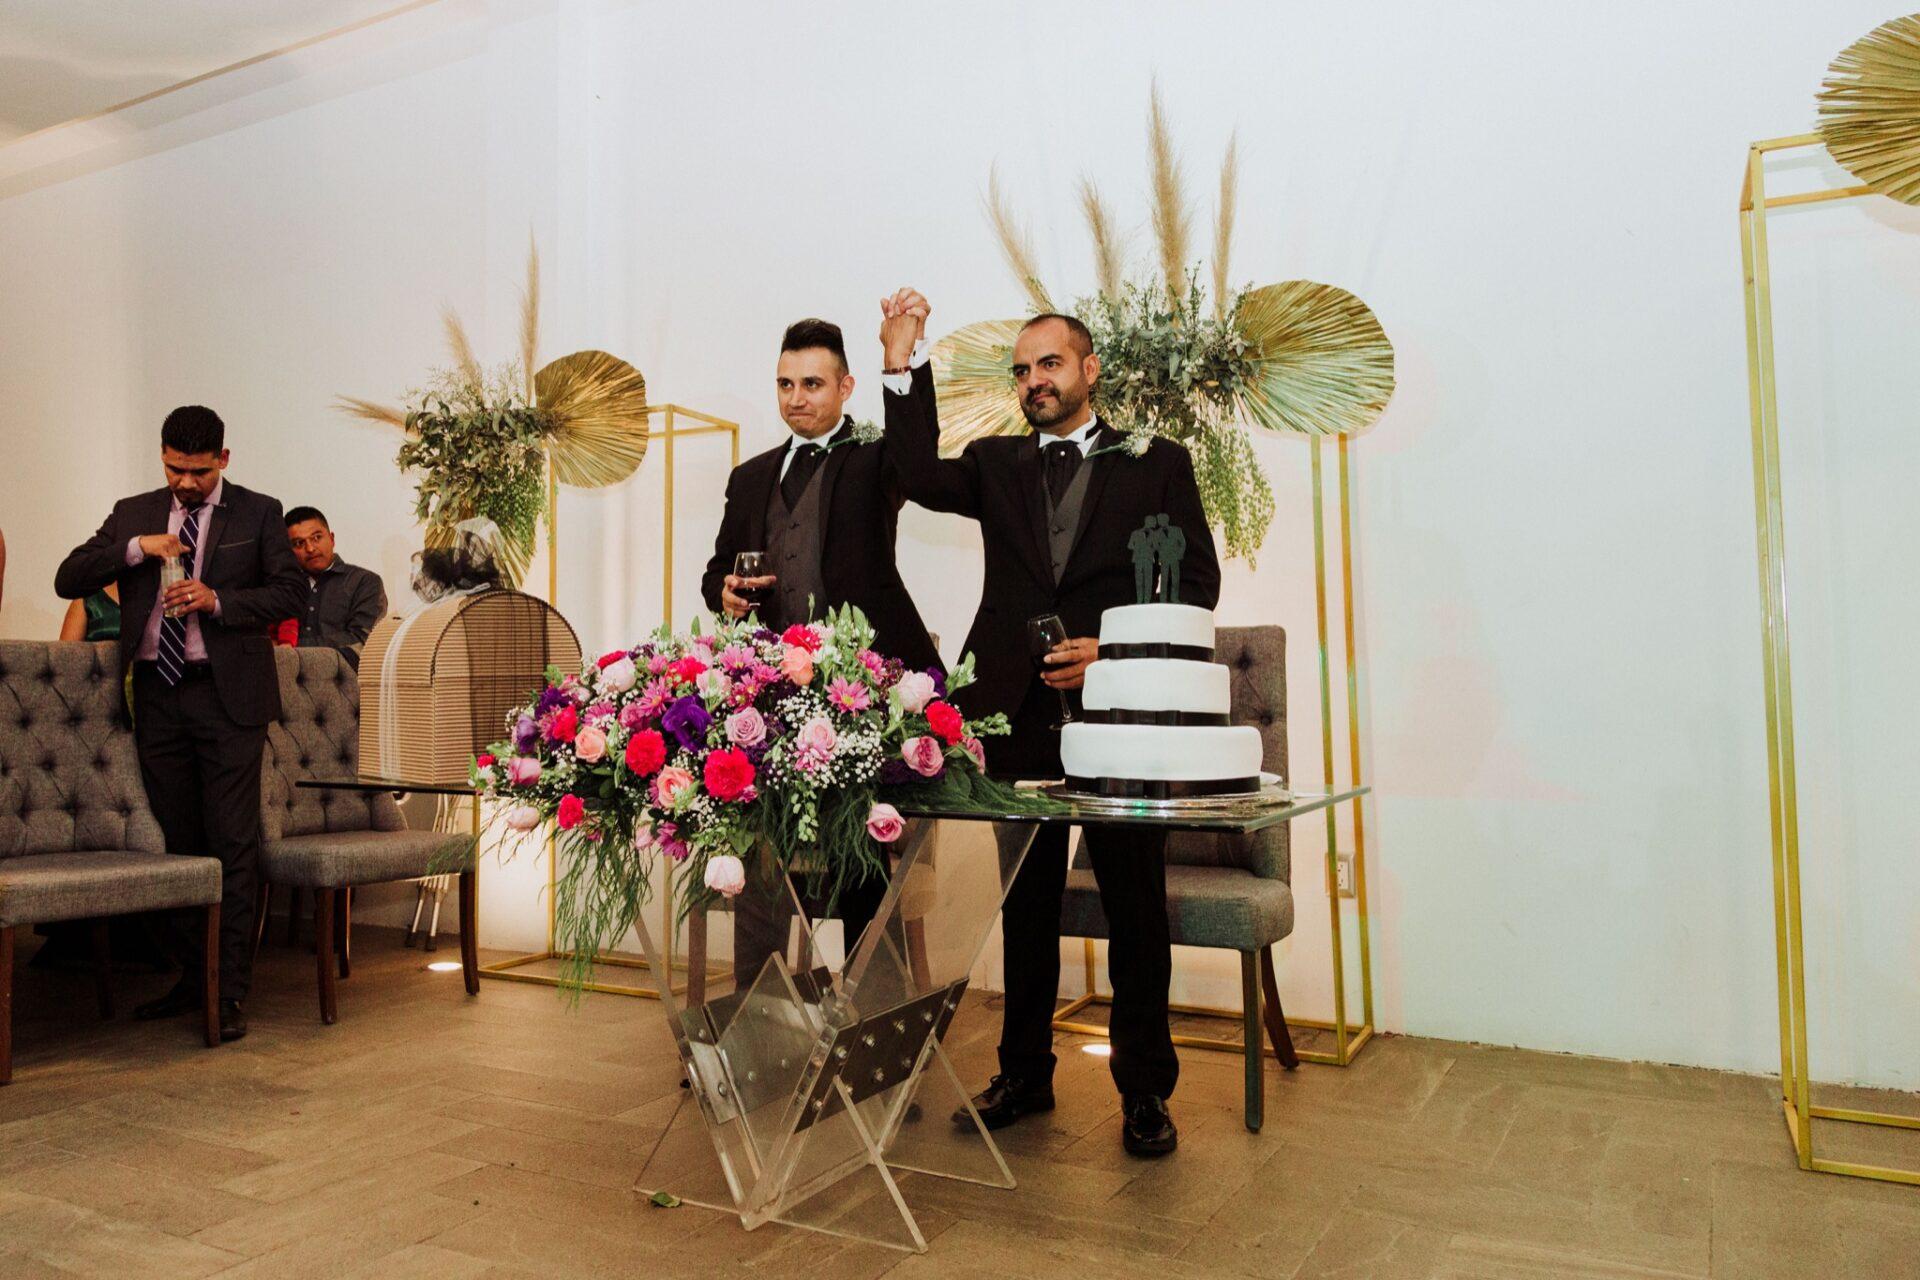 javier_noriega_fotografo_bodas_alicia_garden_zacatecas_wedding_photographer26